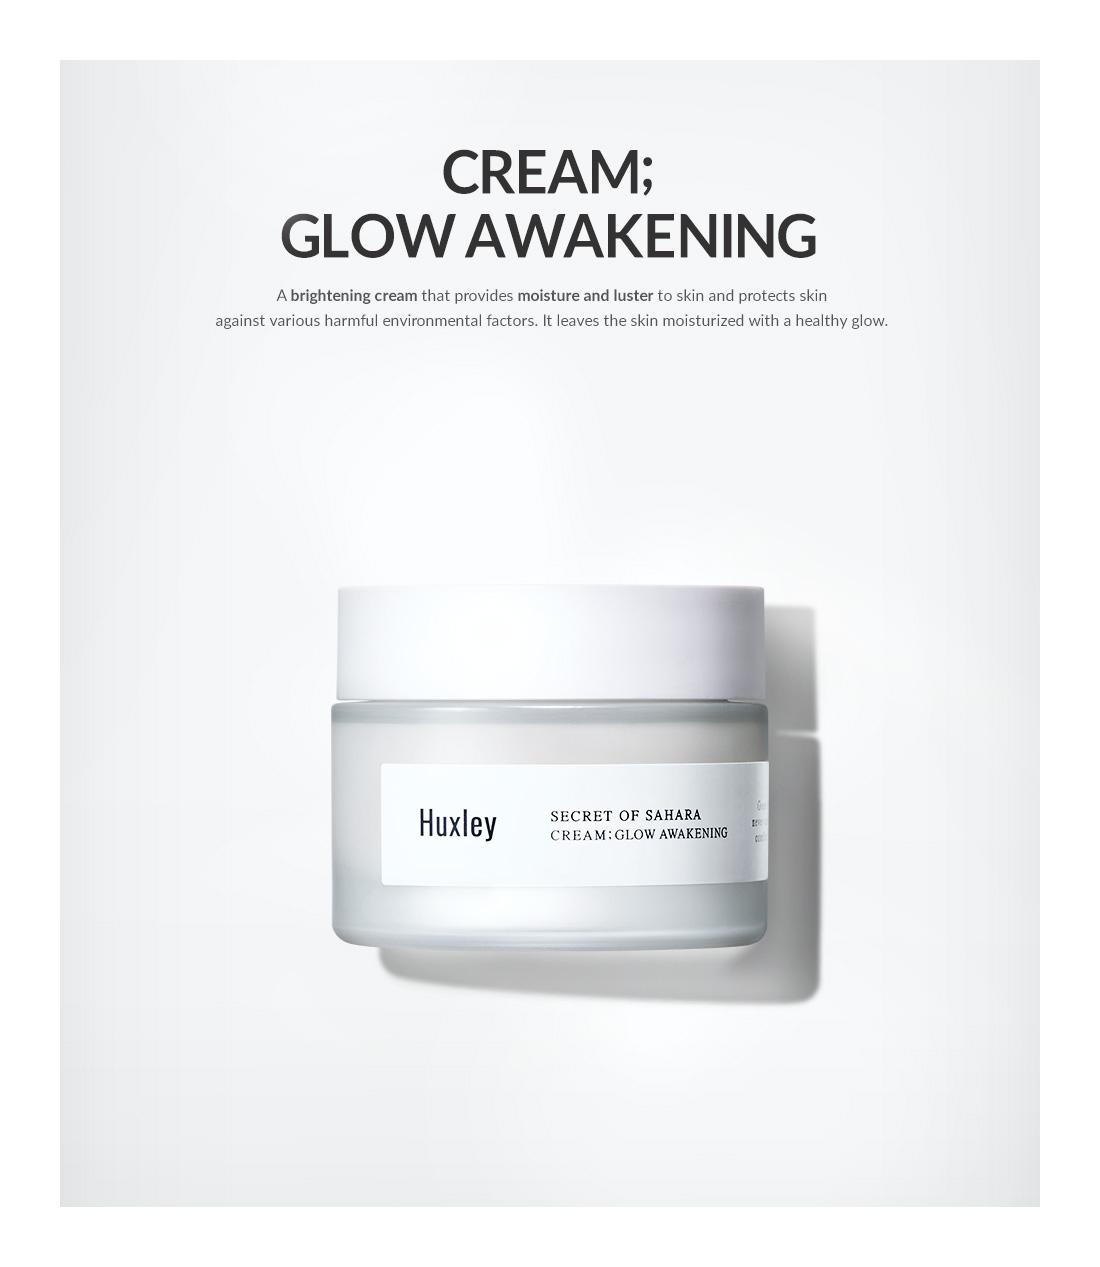 detail-cream-glow-awakening-1.jpg